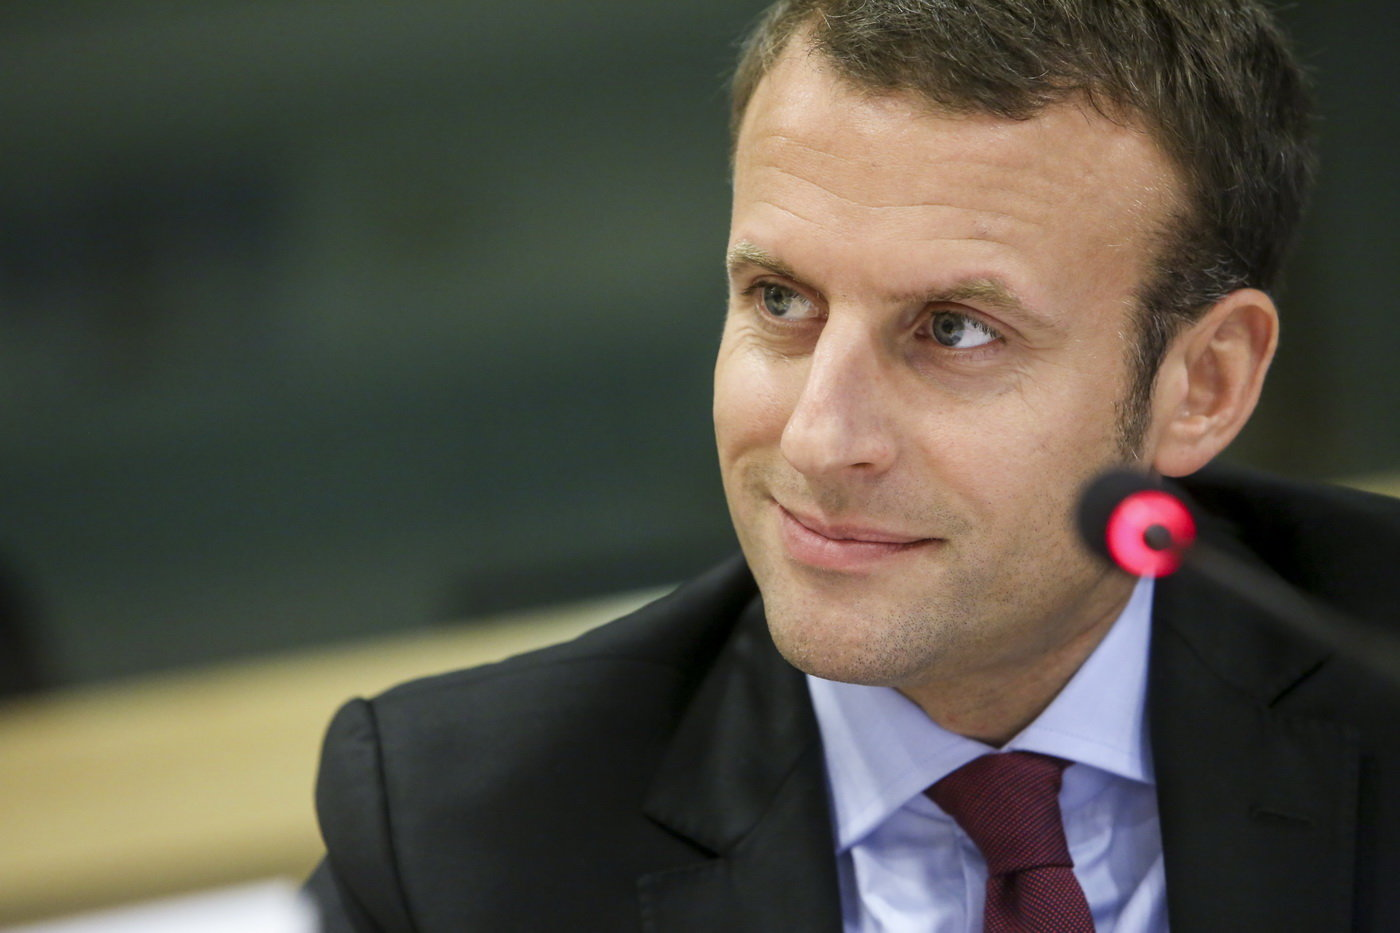 Macron to projel na celé čáře. Ze spasitele Evropy se stalo zklamání, tvrdí prestižní server - anotační obrázek